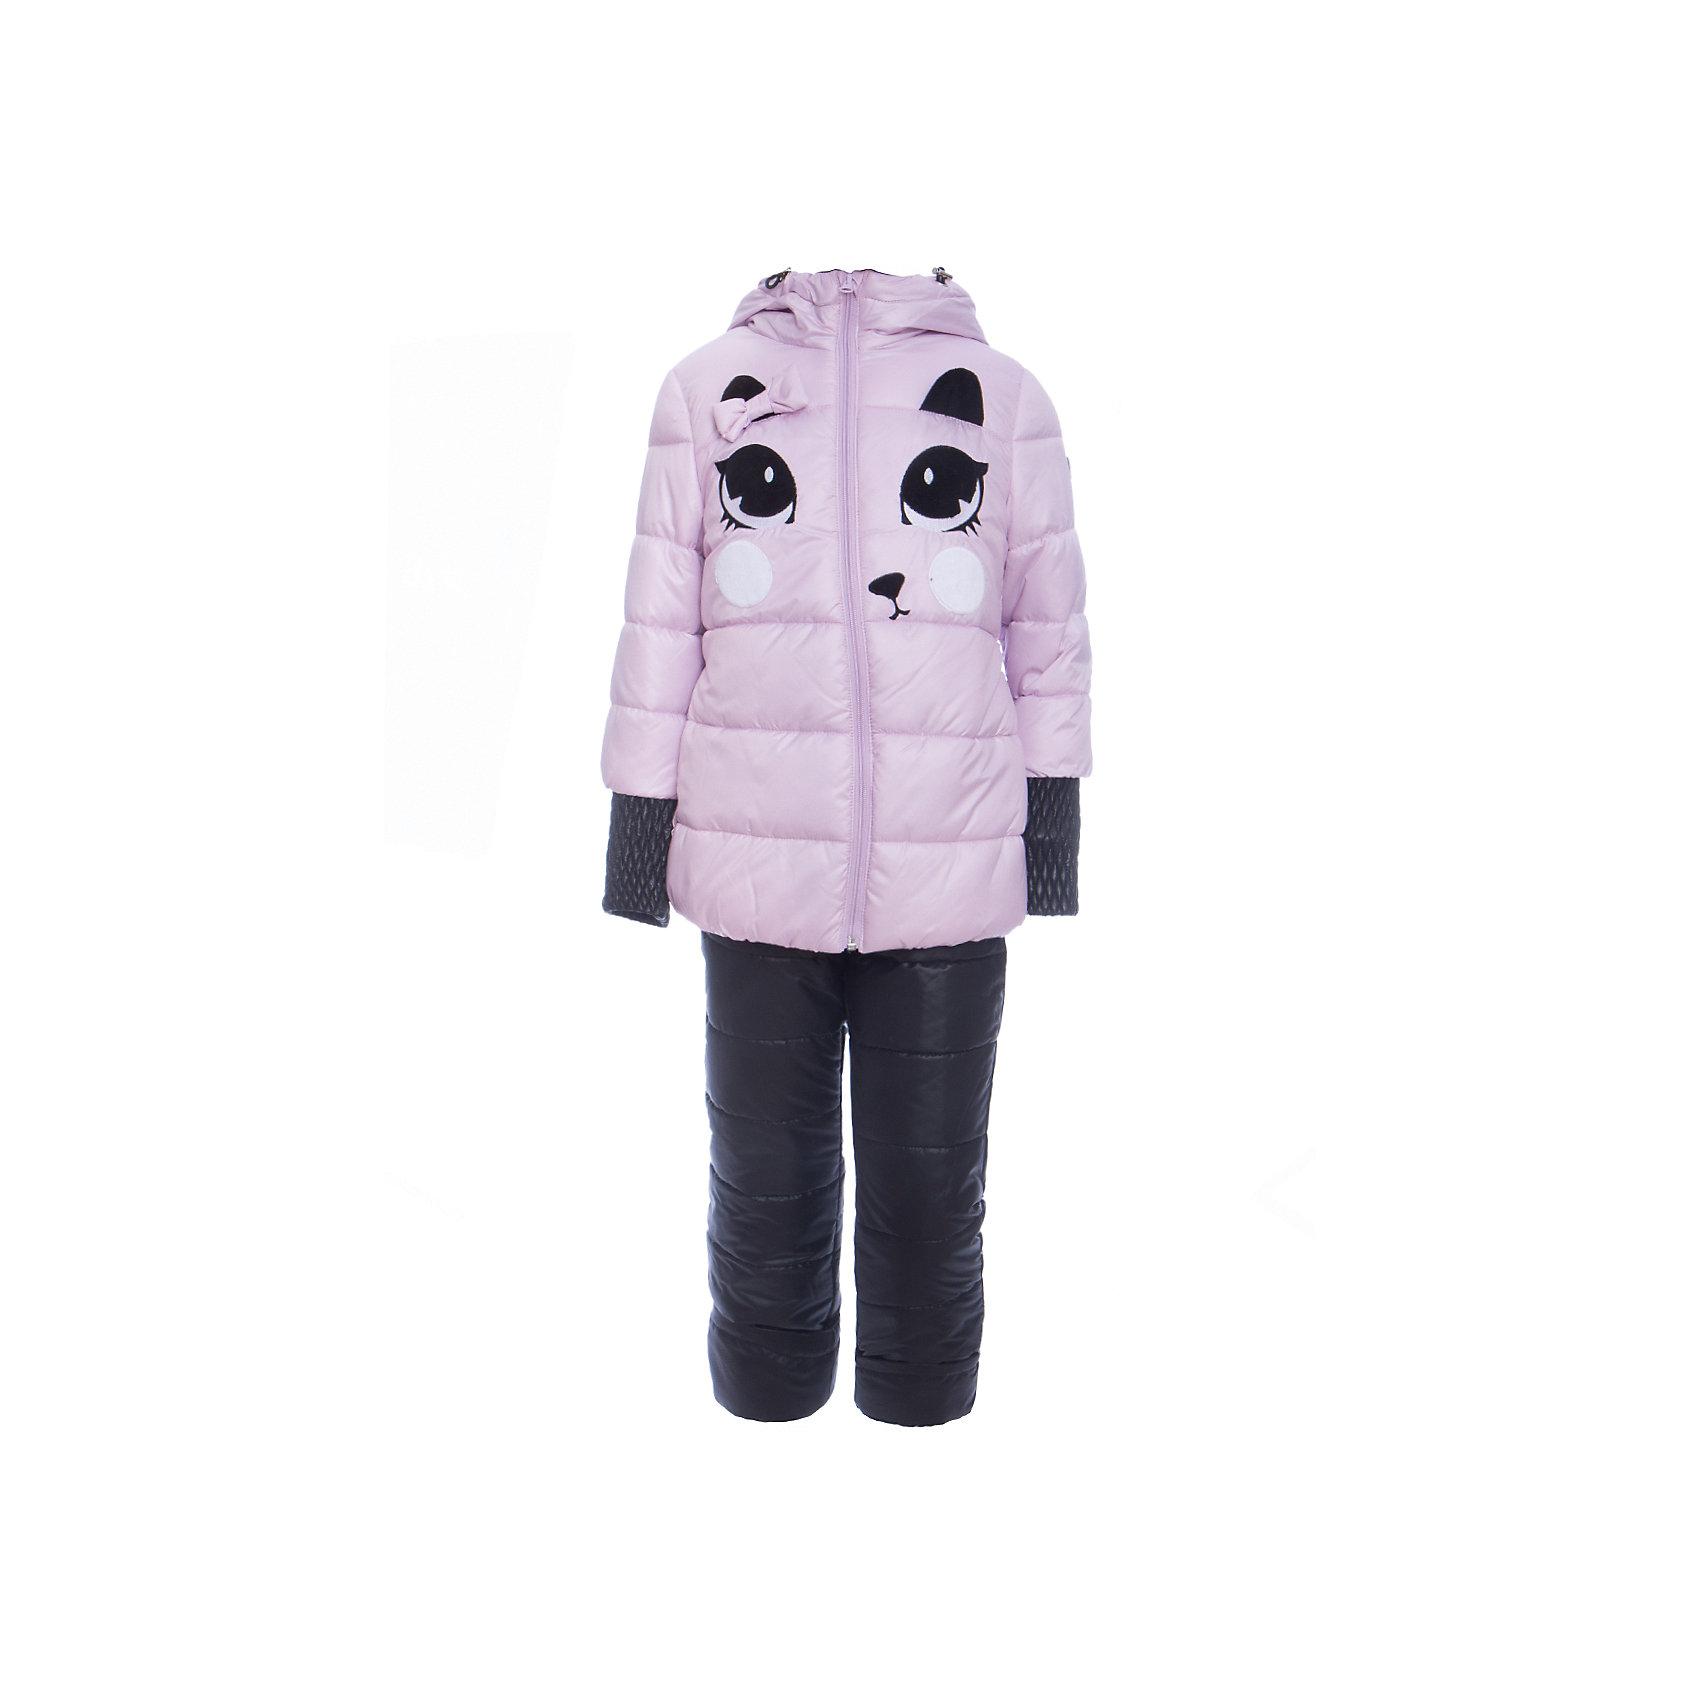 Комплект: куртка и брюки BOOM by Orby для девочкиВерхняя одежда<br>Характеристики товара:<br><br>• цвет: розовый<br>• ткань верха: куртка - Таффета oil cire pu milky, брюки - Болонь pu milky<br>• подкладка: куртка - Флис; ПЭ пуходержащий; брюки - ПЭ пуходержащий<br>• утеплитель: куртка - Flexy Fiber 200 г/м2; брюки - Flexy Fiber 80 г/м2<br>• сезон: демисезон<br>• температурный режим: от -10° до +10°С<br>• особенности куртки: на молнии, дутая<br>• особенности брюк: на резинке, дутые<br>• капюшон: без меха <br>• страна бренда: Россия<br>• страна изготовитель: Россия<br><br>Этот стильный и удобный комплект был разработан специально для девочек. Оригинальный демисезонный комплект для девочки состоит из куртки с капюшоном и удобных брюк. Утеплитель и плотная ткань верха делает его подходящим для сырой и холодной погоды. <br><br>Комплект: куртка и брюки BOOM by Orby для девочки можно купить в нашем интернет-магазине.<br><br>Ширина мм: 356<br>Глубина мм: 10<br>Высота мм: 245<br>Вес г: 519<br>Цвет: розовый<br>Возраст от месяцев: 48<br>Возраст до месяцев: 60<br>Пол: Женский<br>Возраст: Детский<br>Размер: 110,122,104,86,92,98,116<br>SKU: 7007616